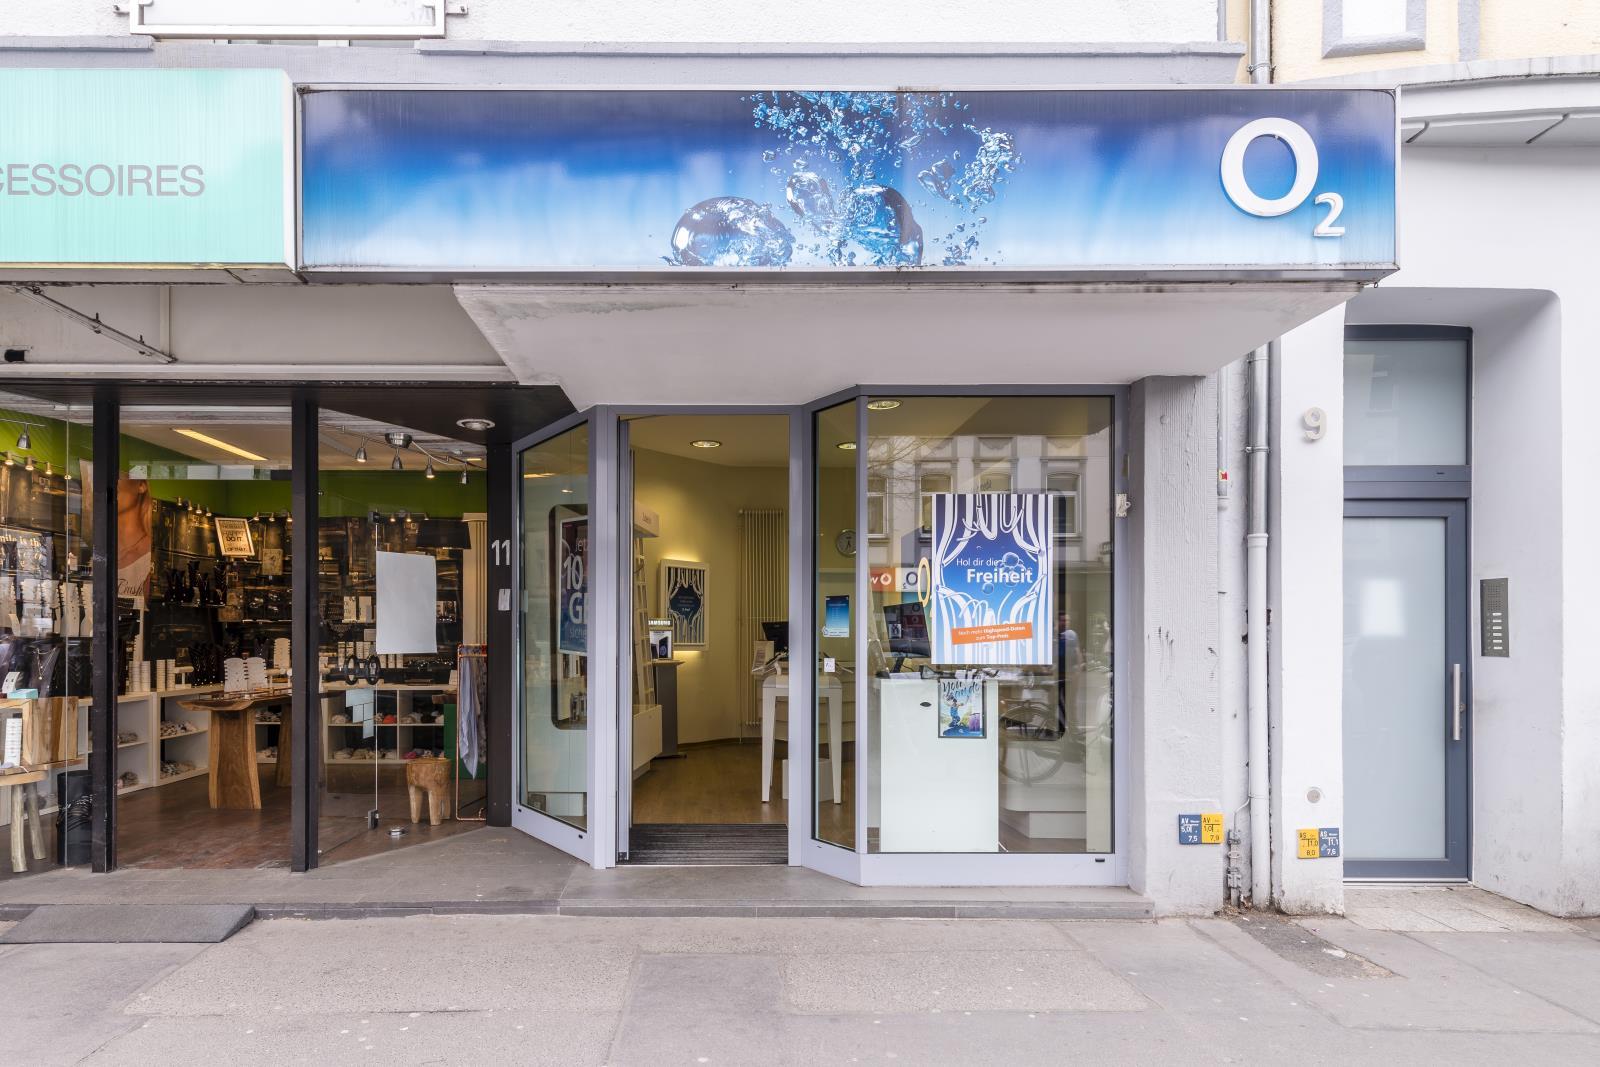 o2 Shop, Sülzburgstr. 11 in Köln